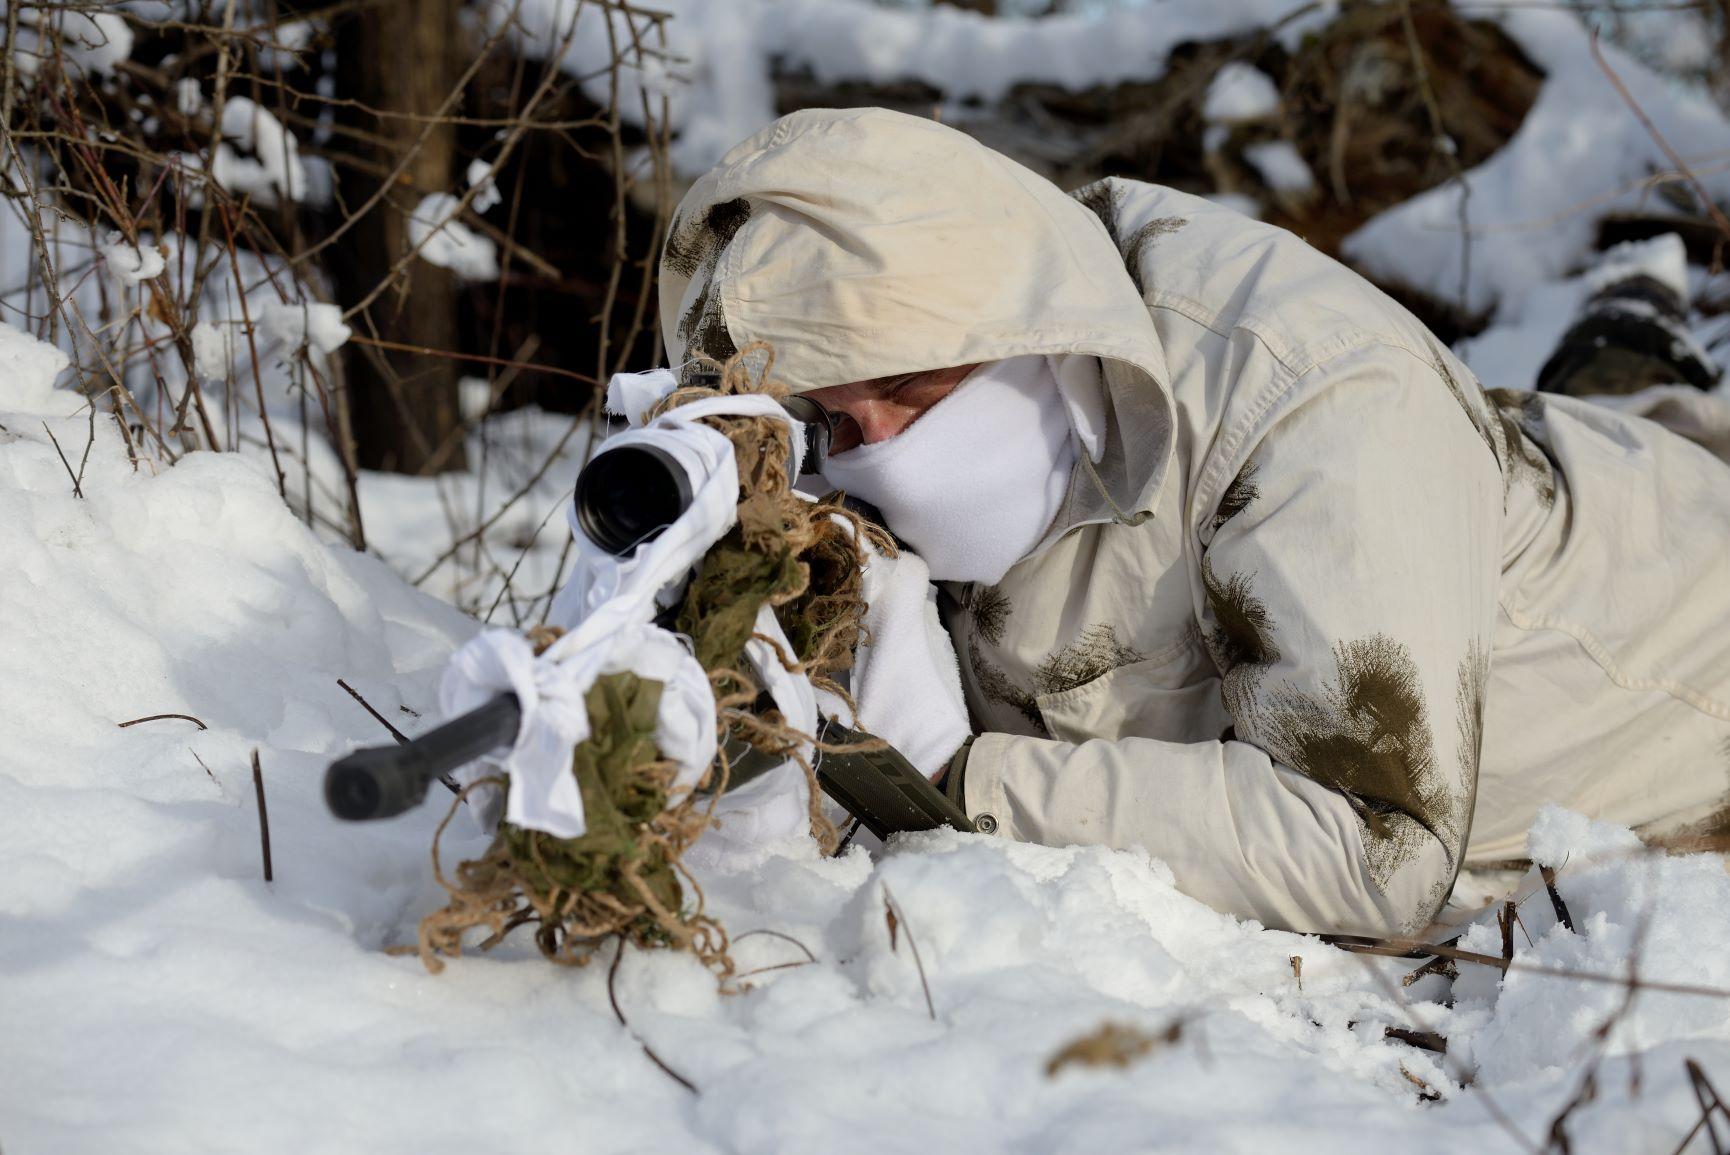 Terytorialsi z 2 LBOT przeszli szkolenie strzelców wyborowych - Zdjęcie główne